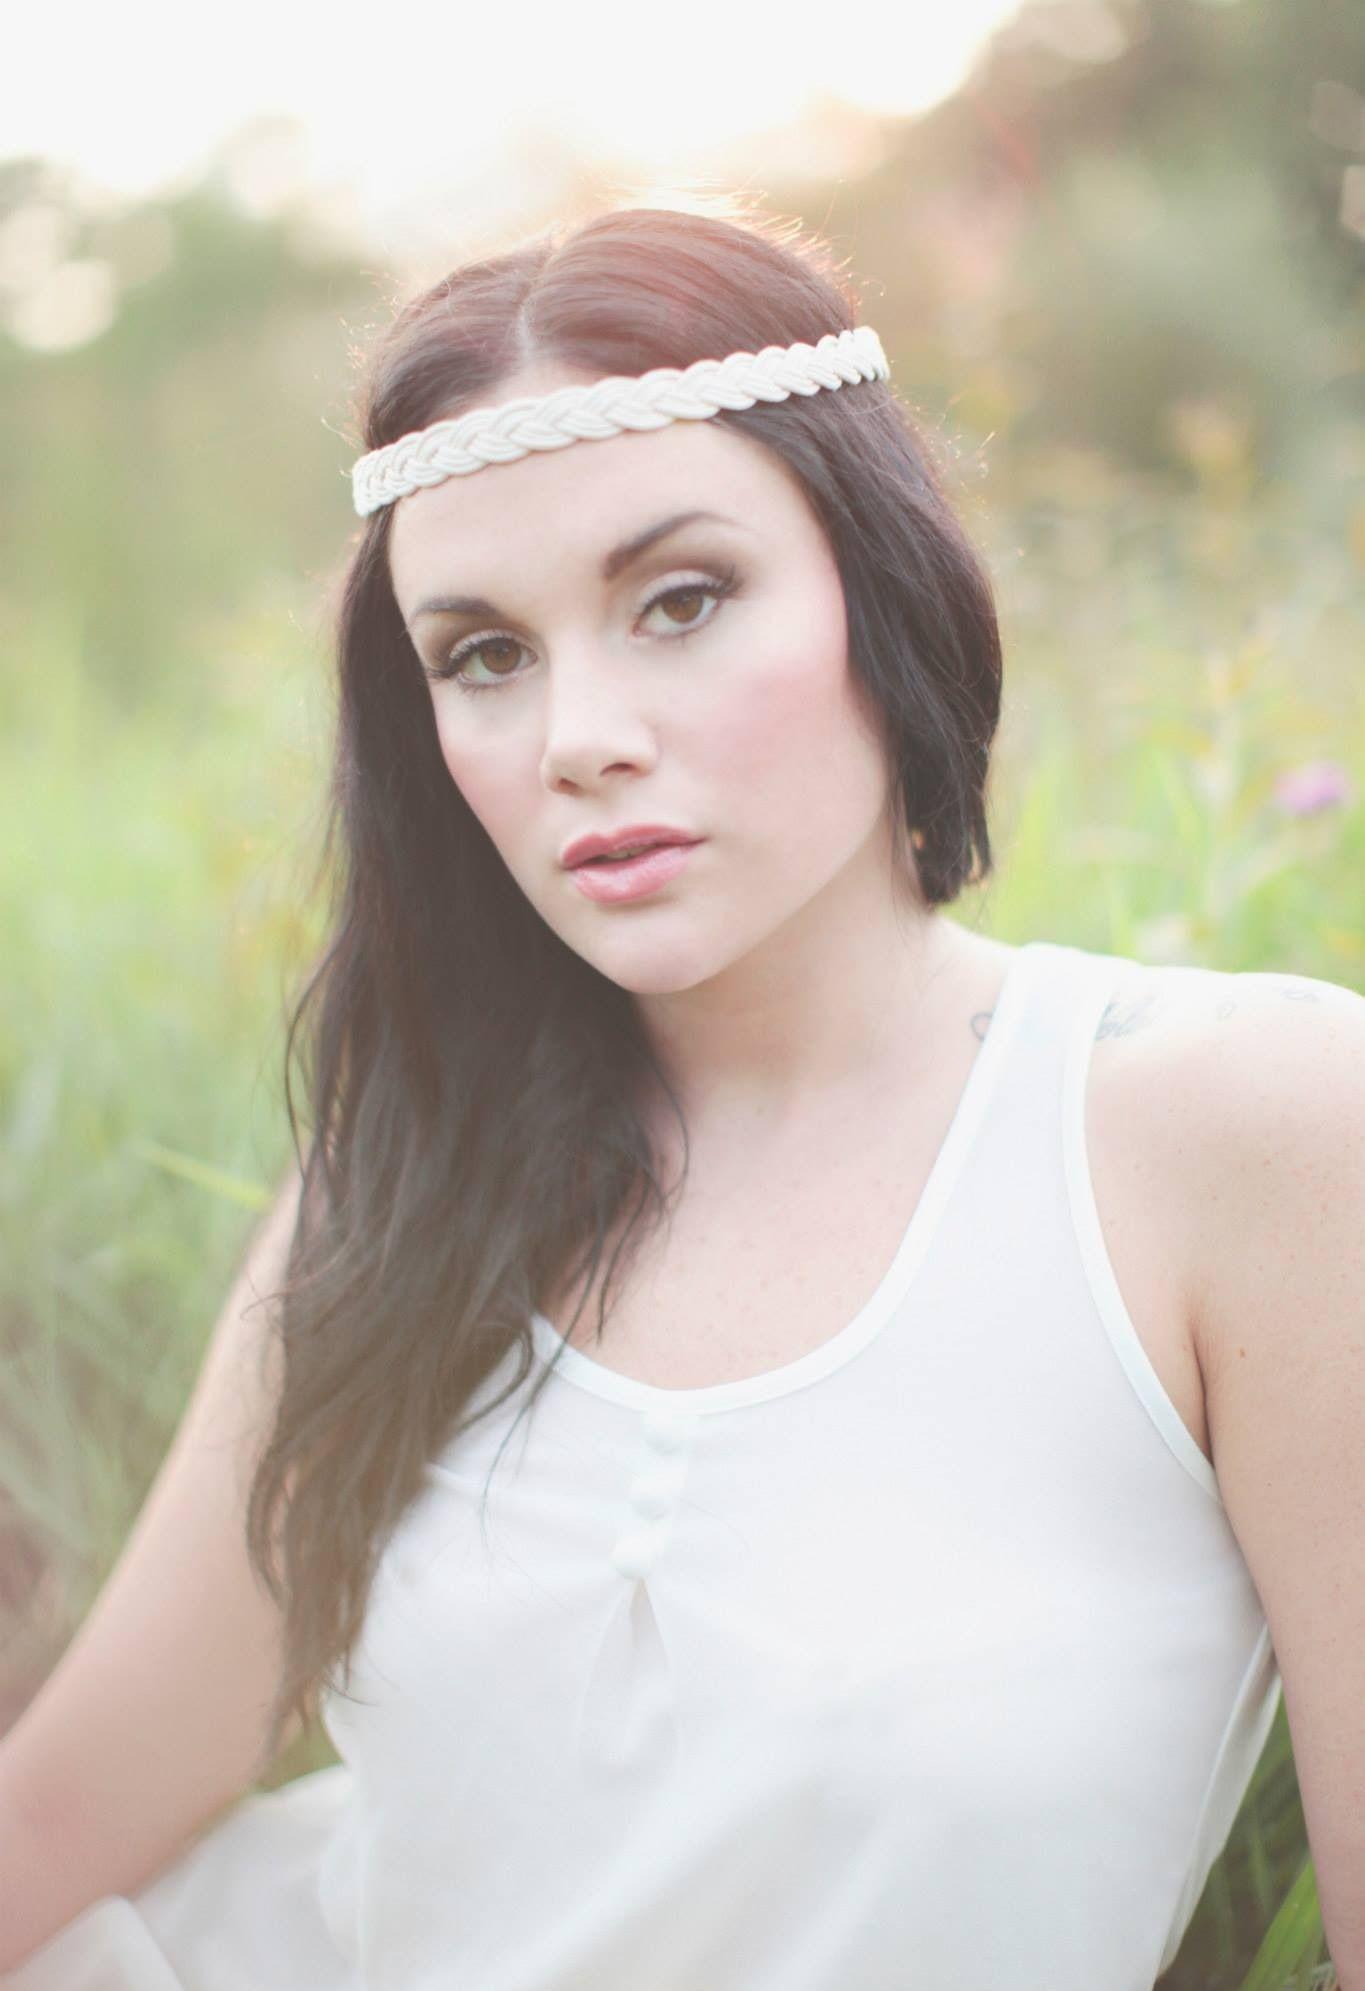 Model: Melinda Rose Photographer: www LaurenAlbanese com